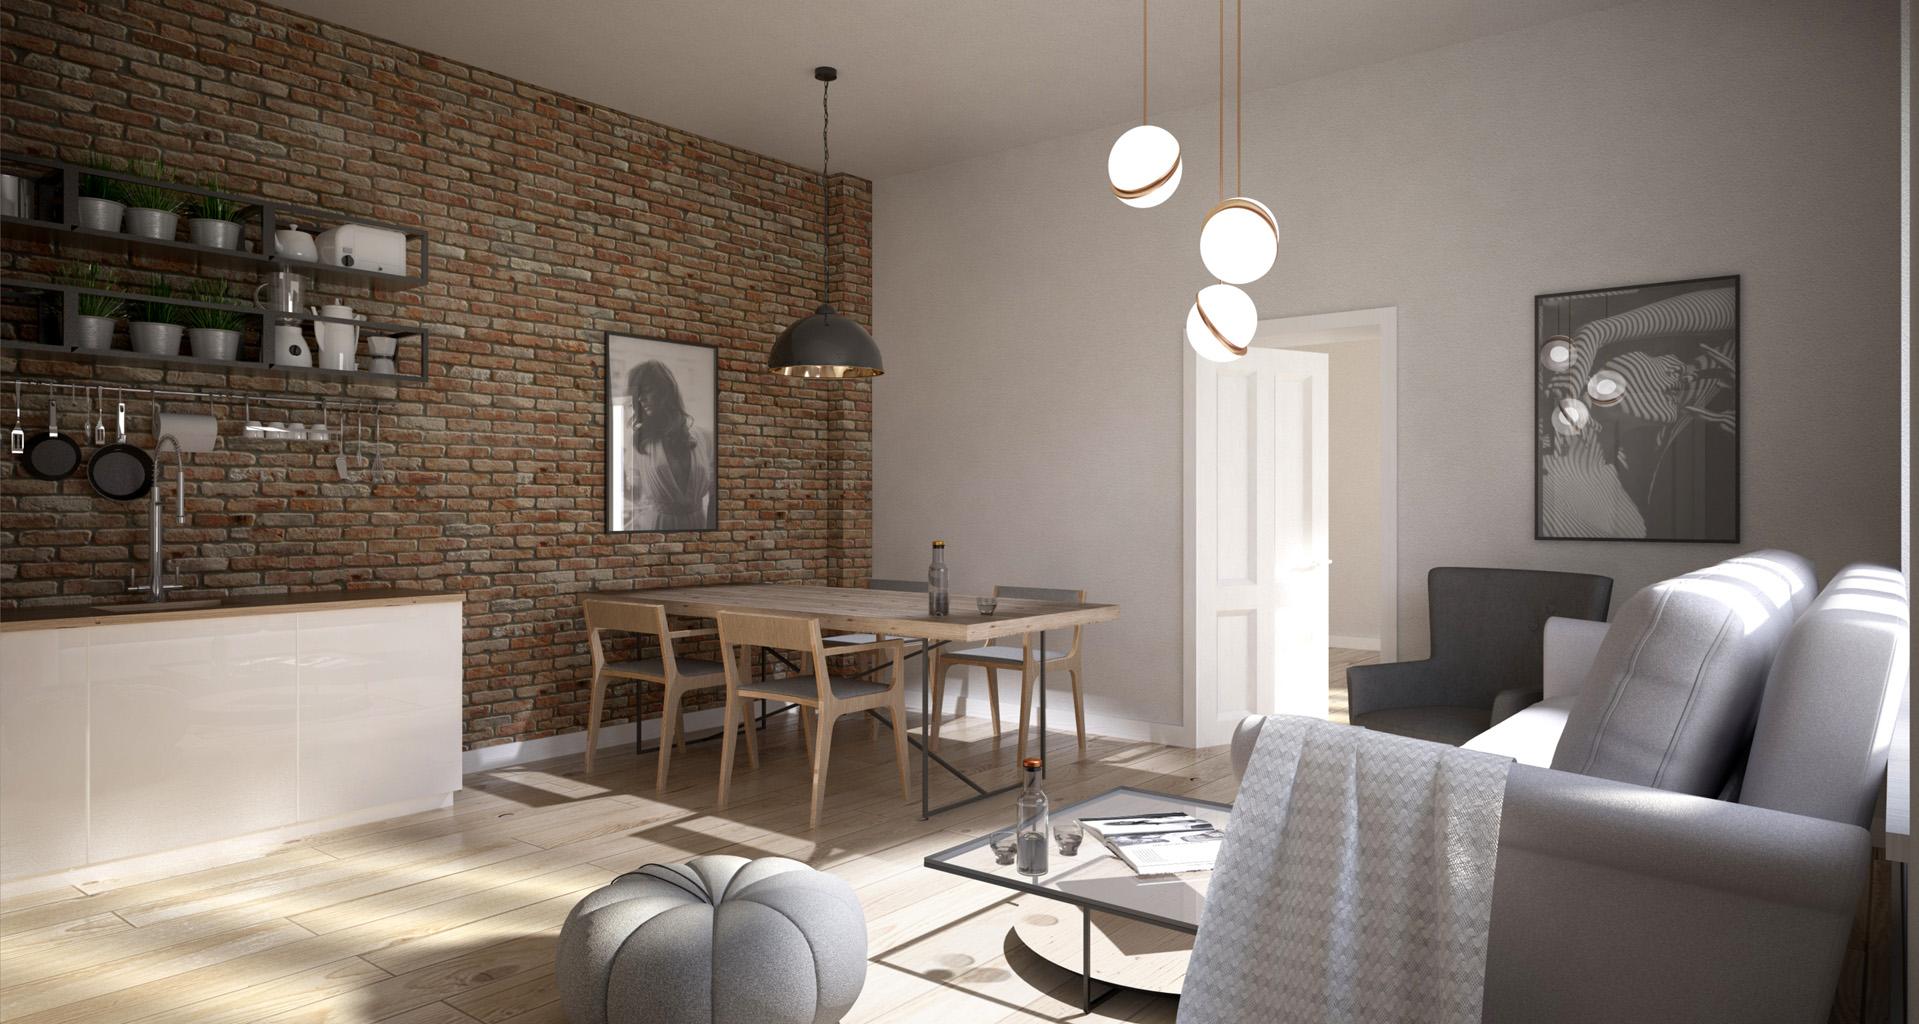 Projekt wnętrza mieszkania - ściana z cegły - salon z kuchnią. M2 Architektura - Architekci Katowice.